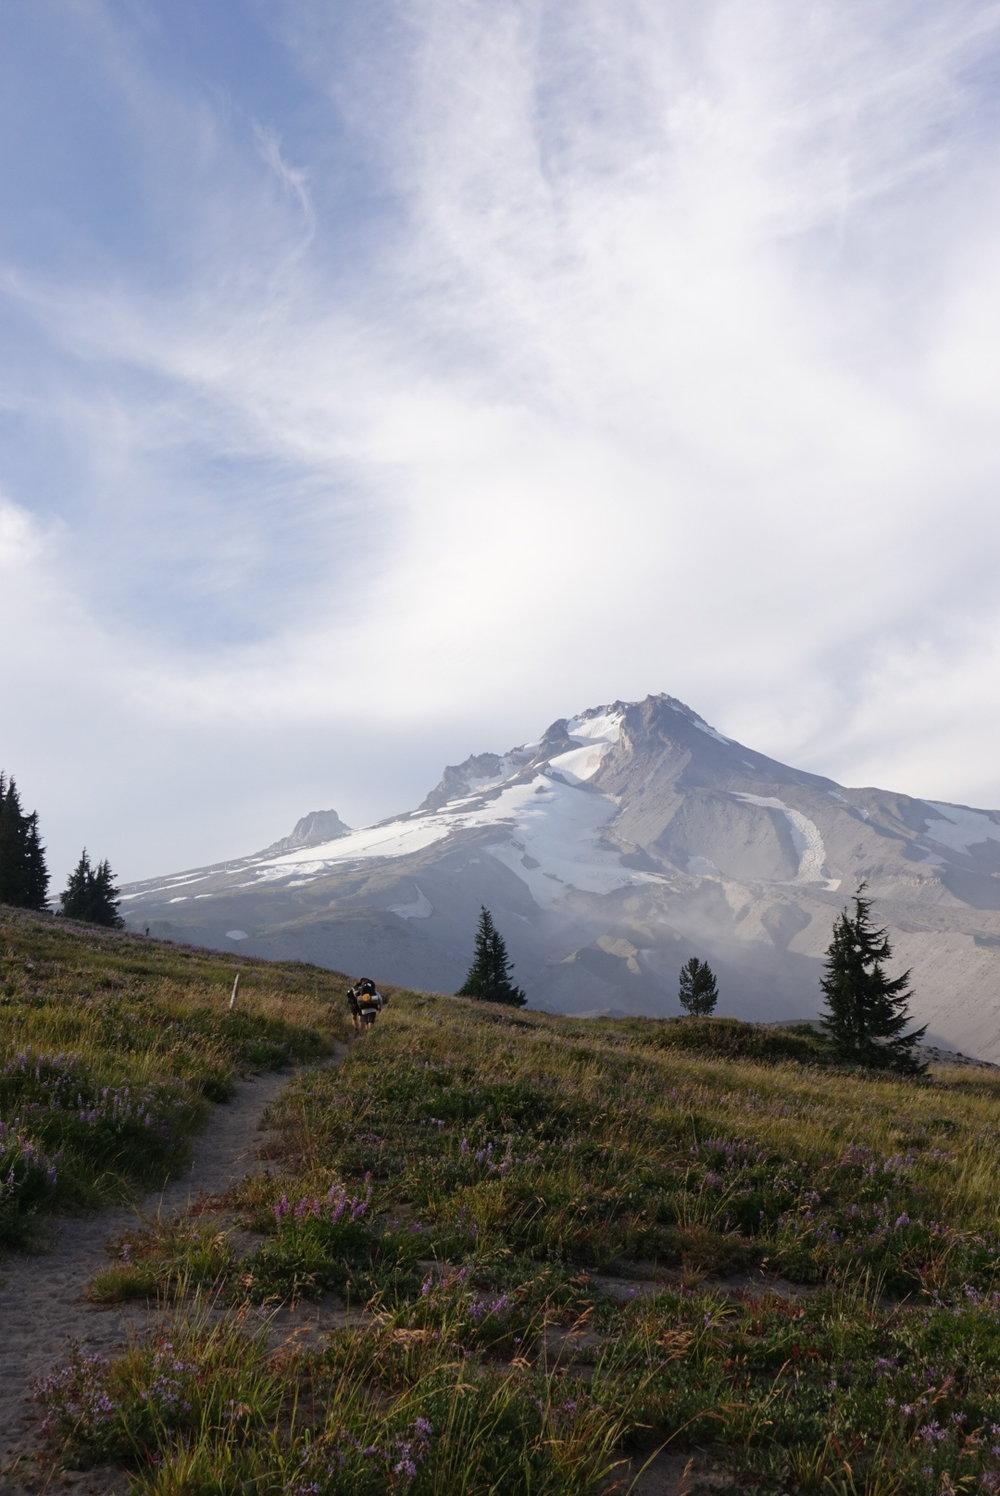 Majestic Mt. Hood.